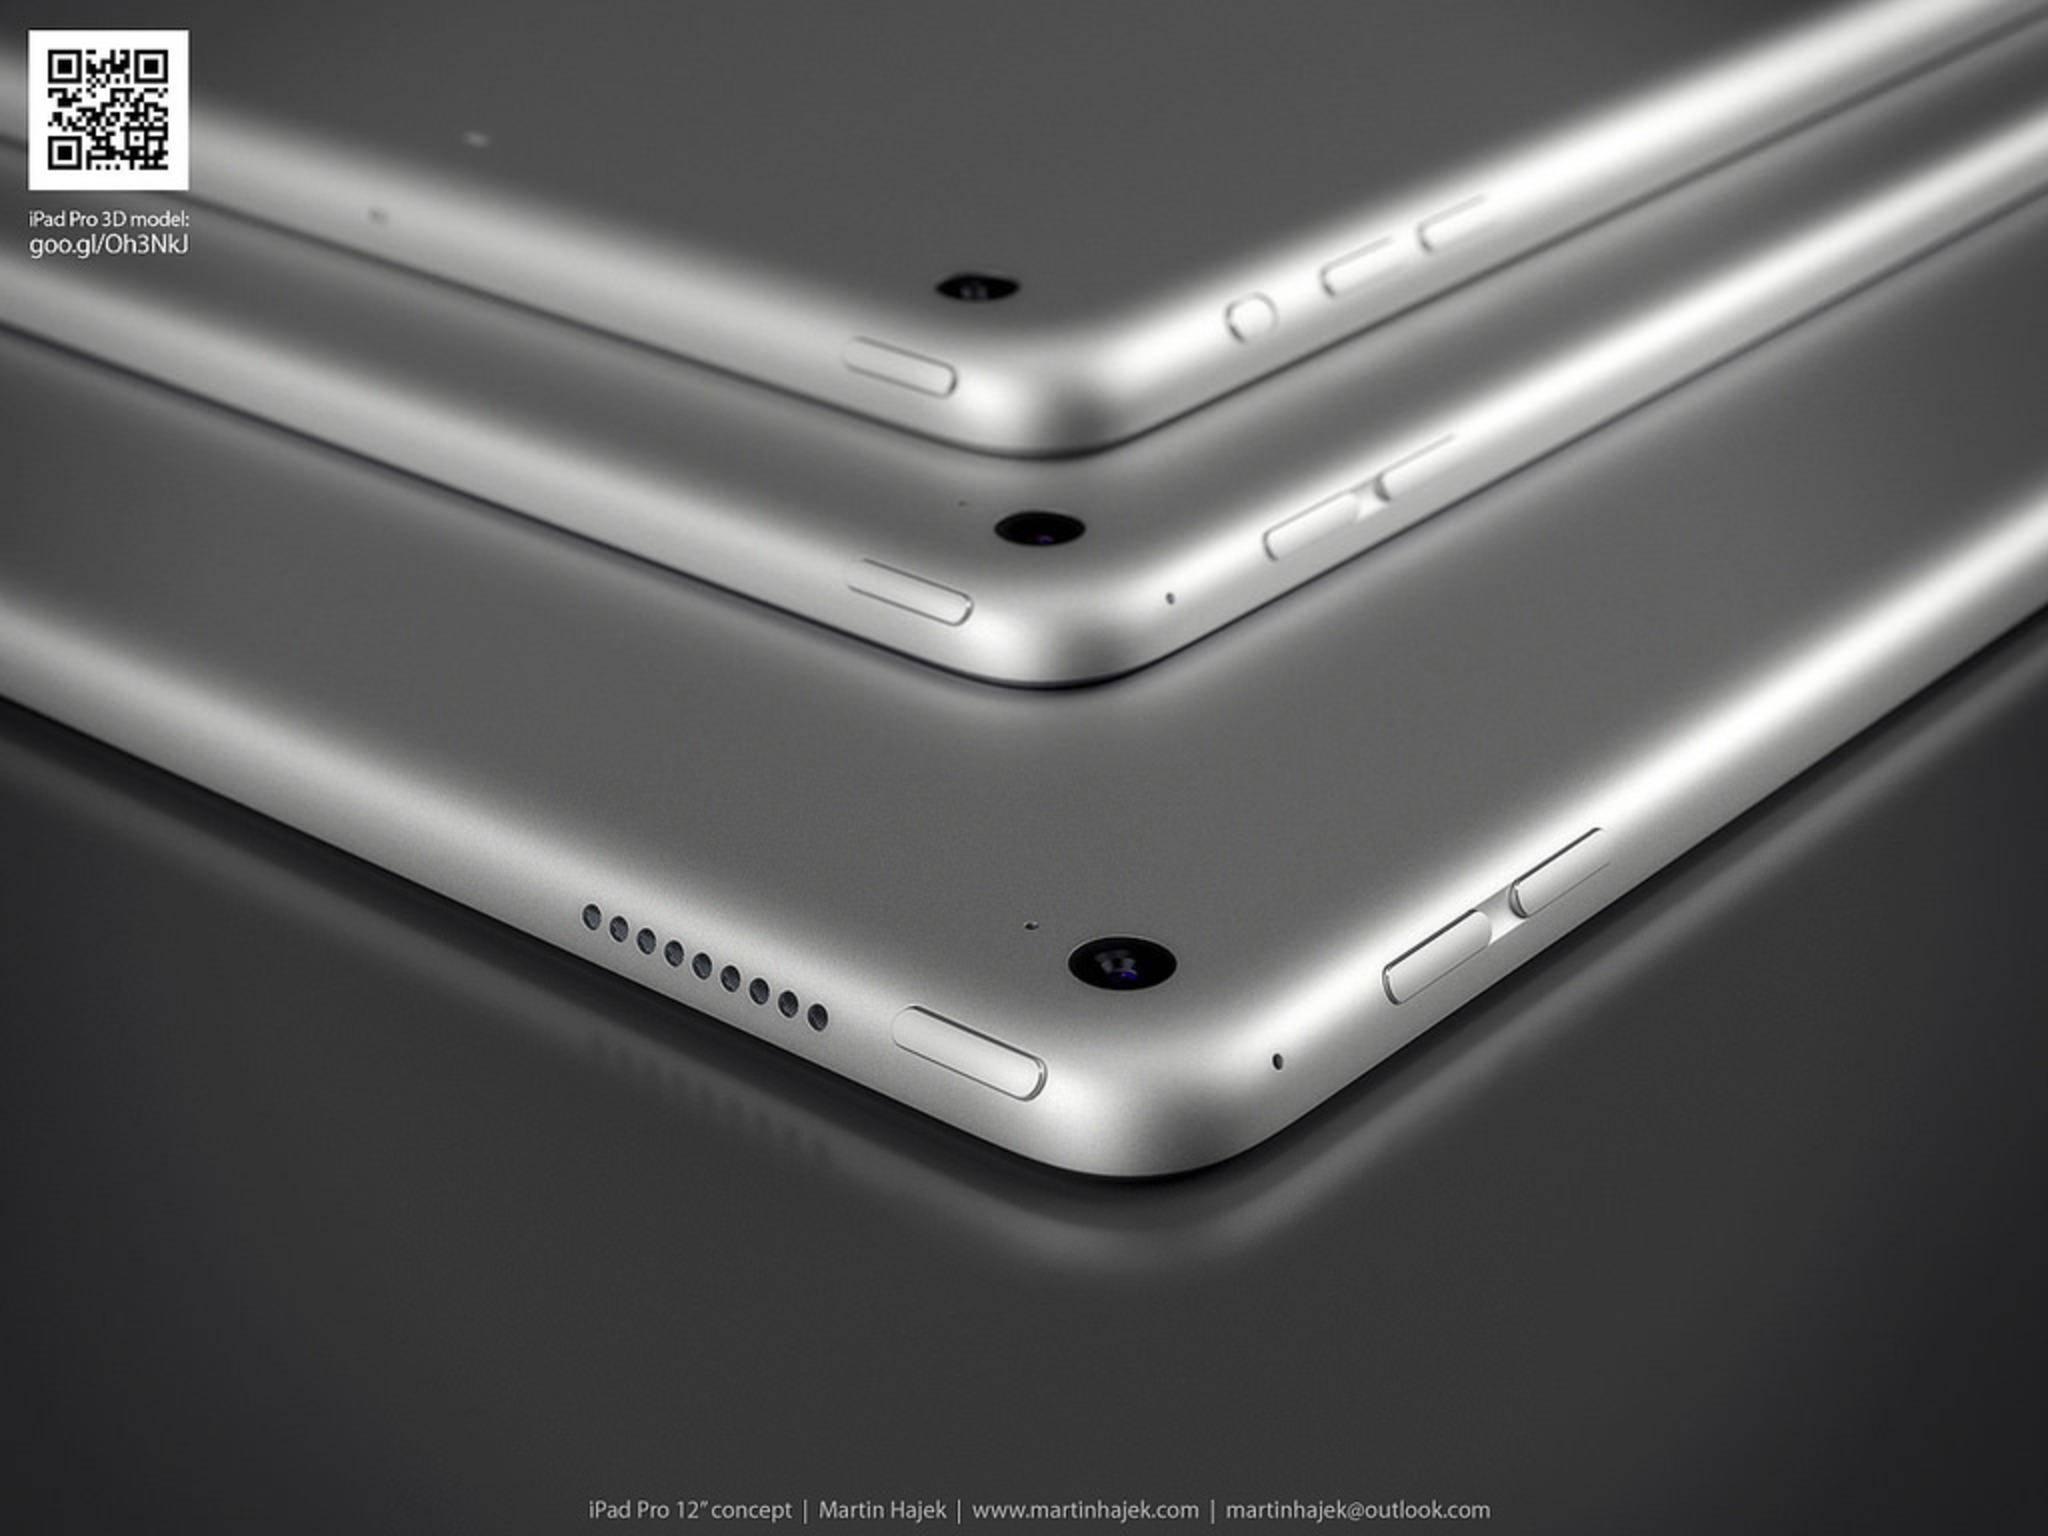 Das iPad Pro könnte richtig groß und richtig teuer werden.